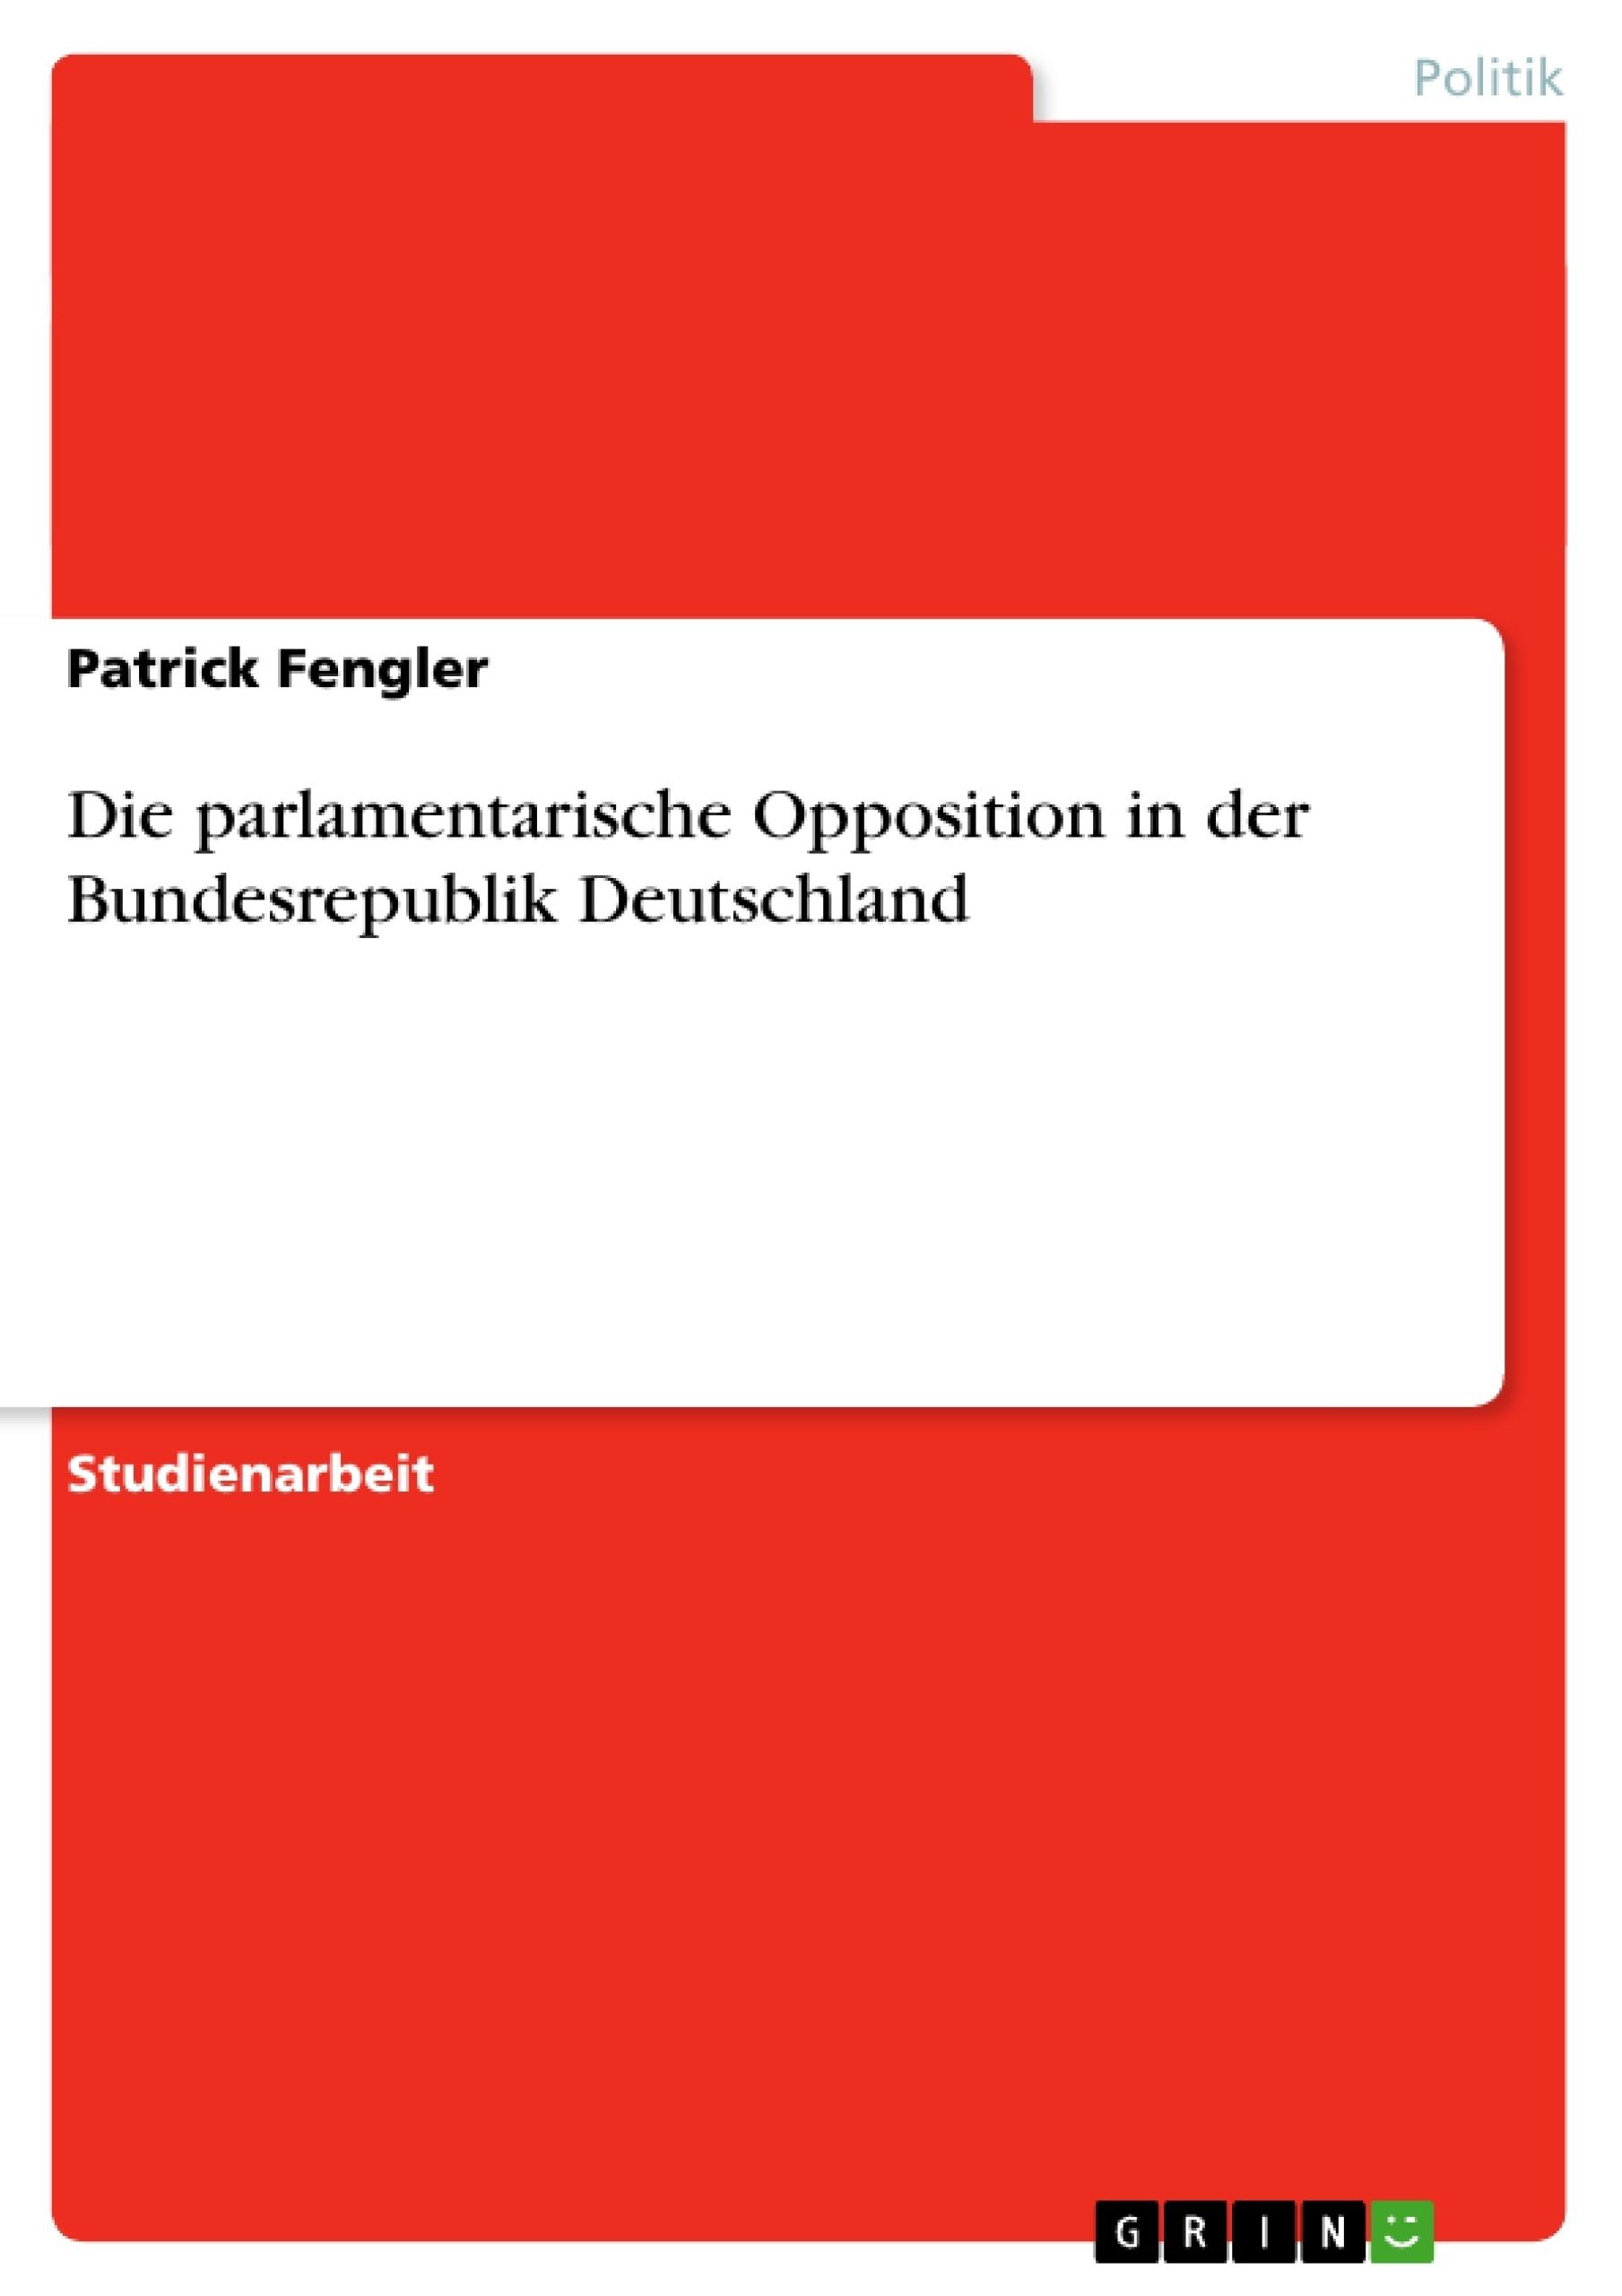 Titel: Die parlamentarische Opposition in der Bundesrepublik Deutschland